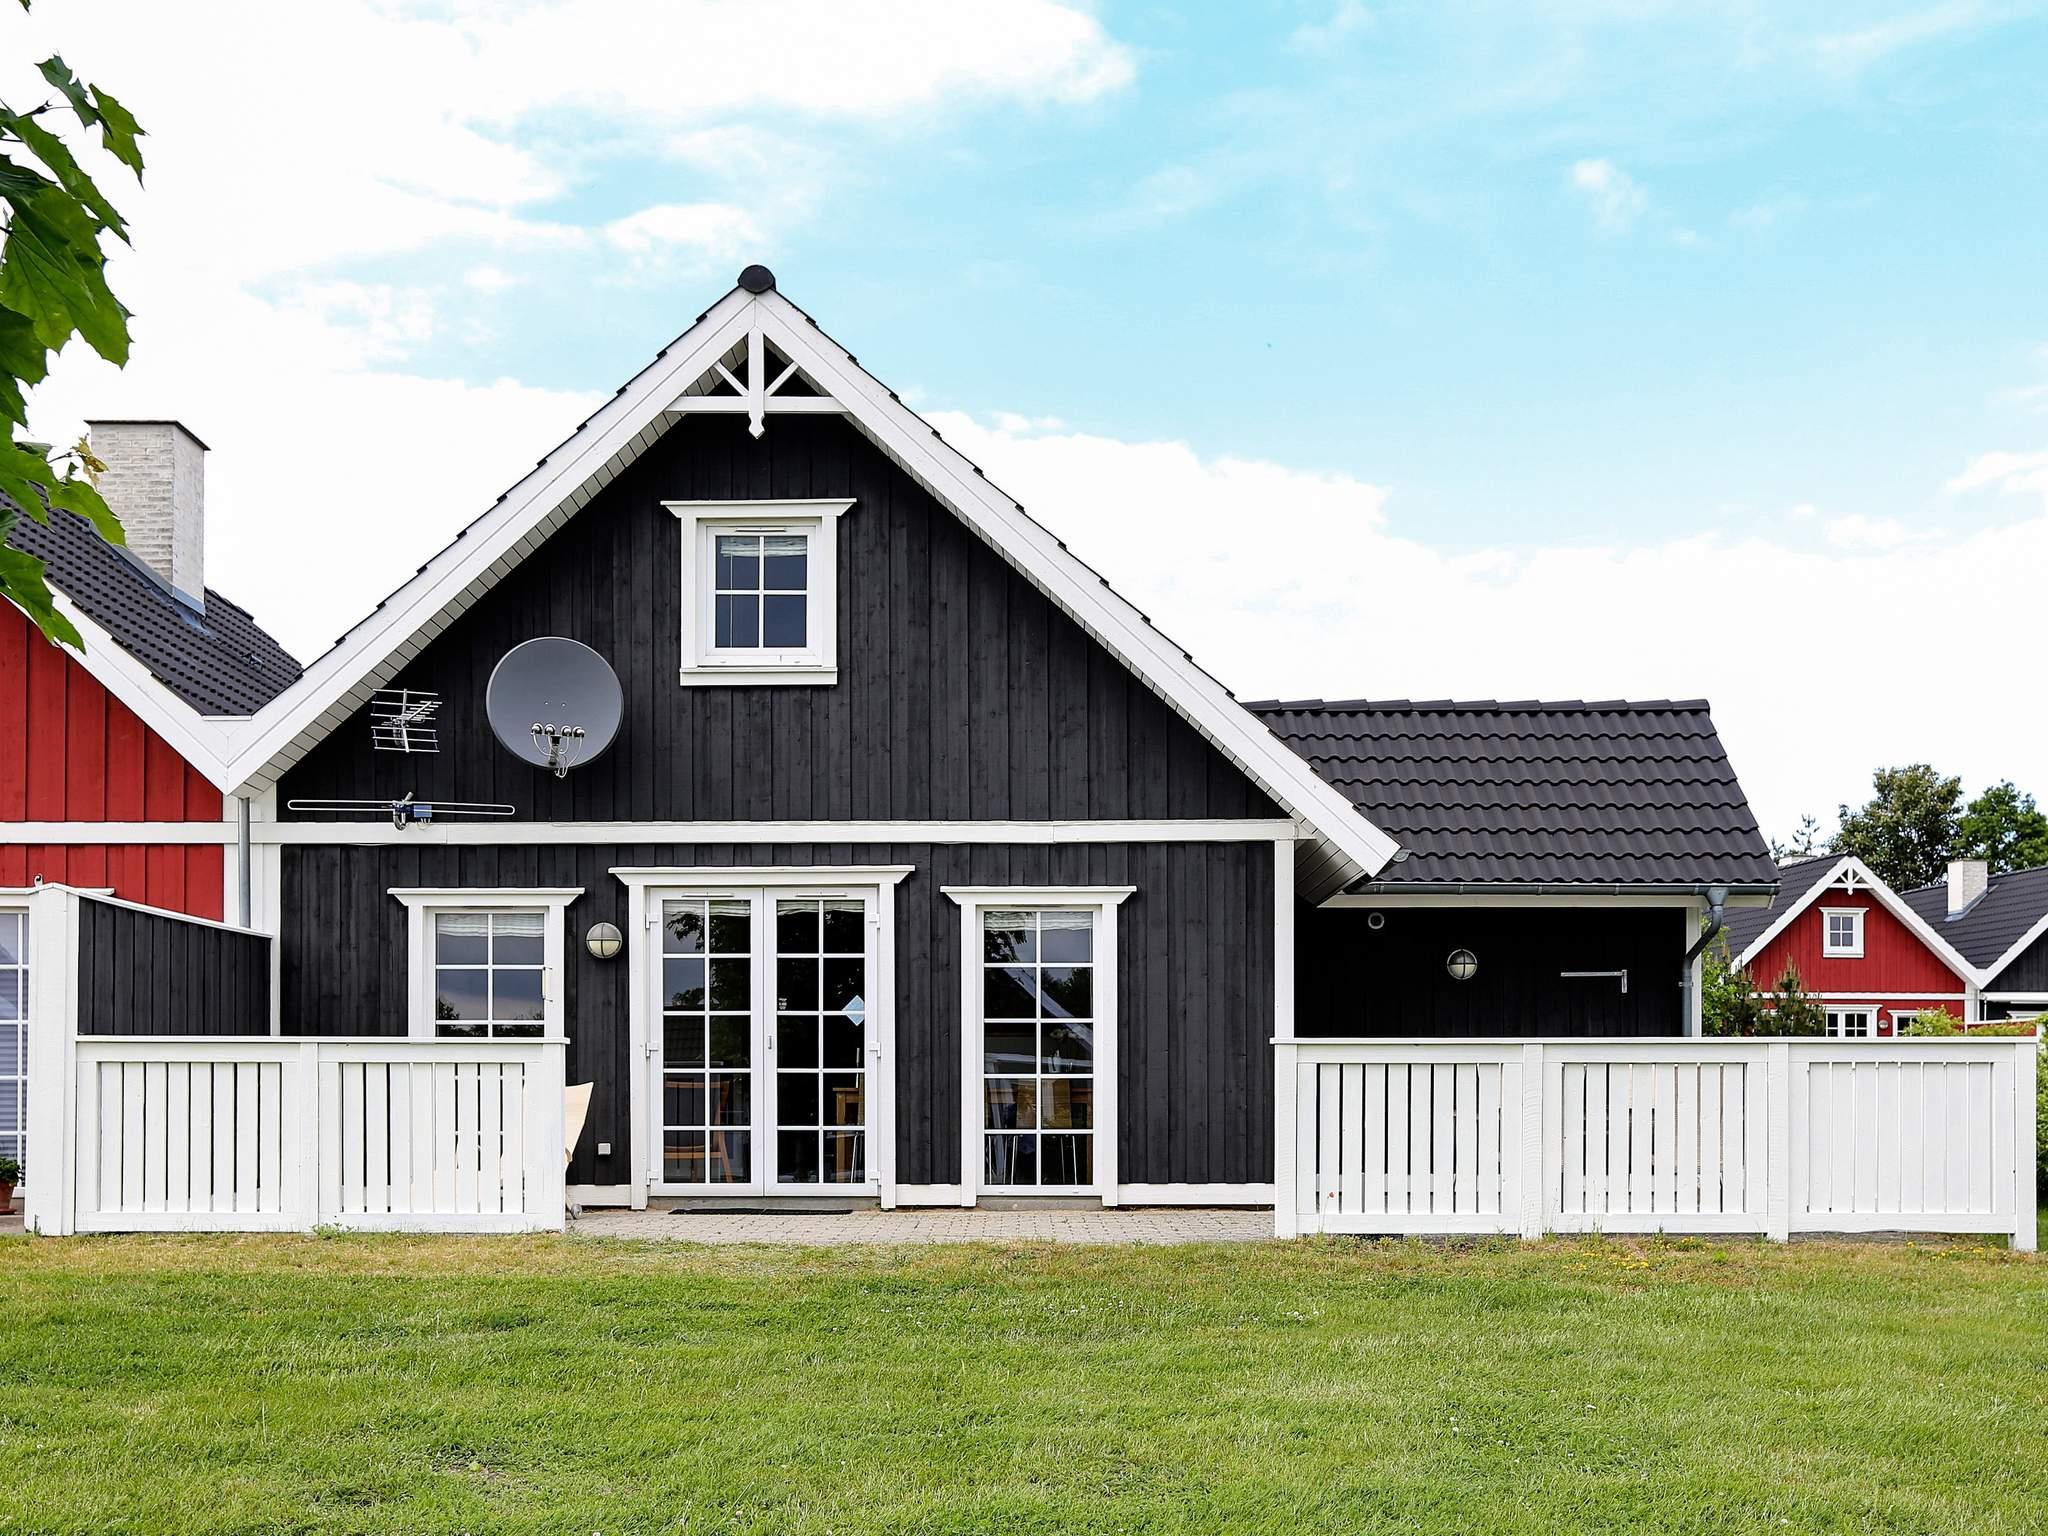 Ferienhaus Rågeleje (469708), Rågeleje, , Nordseeland, Dänemark, Bild 1